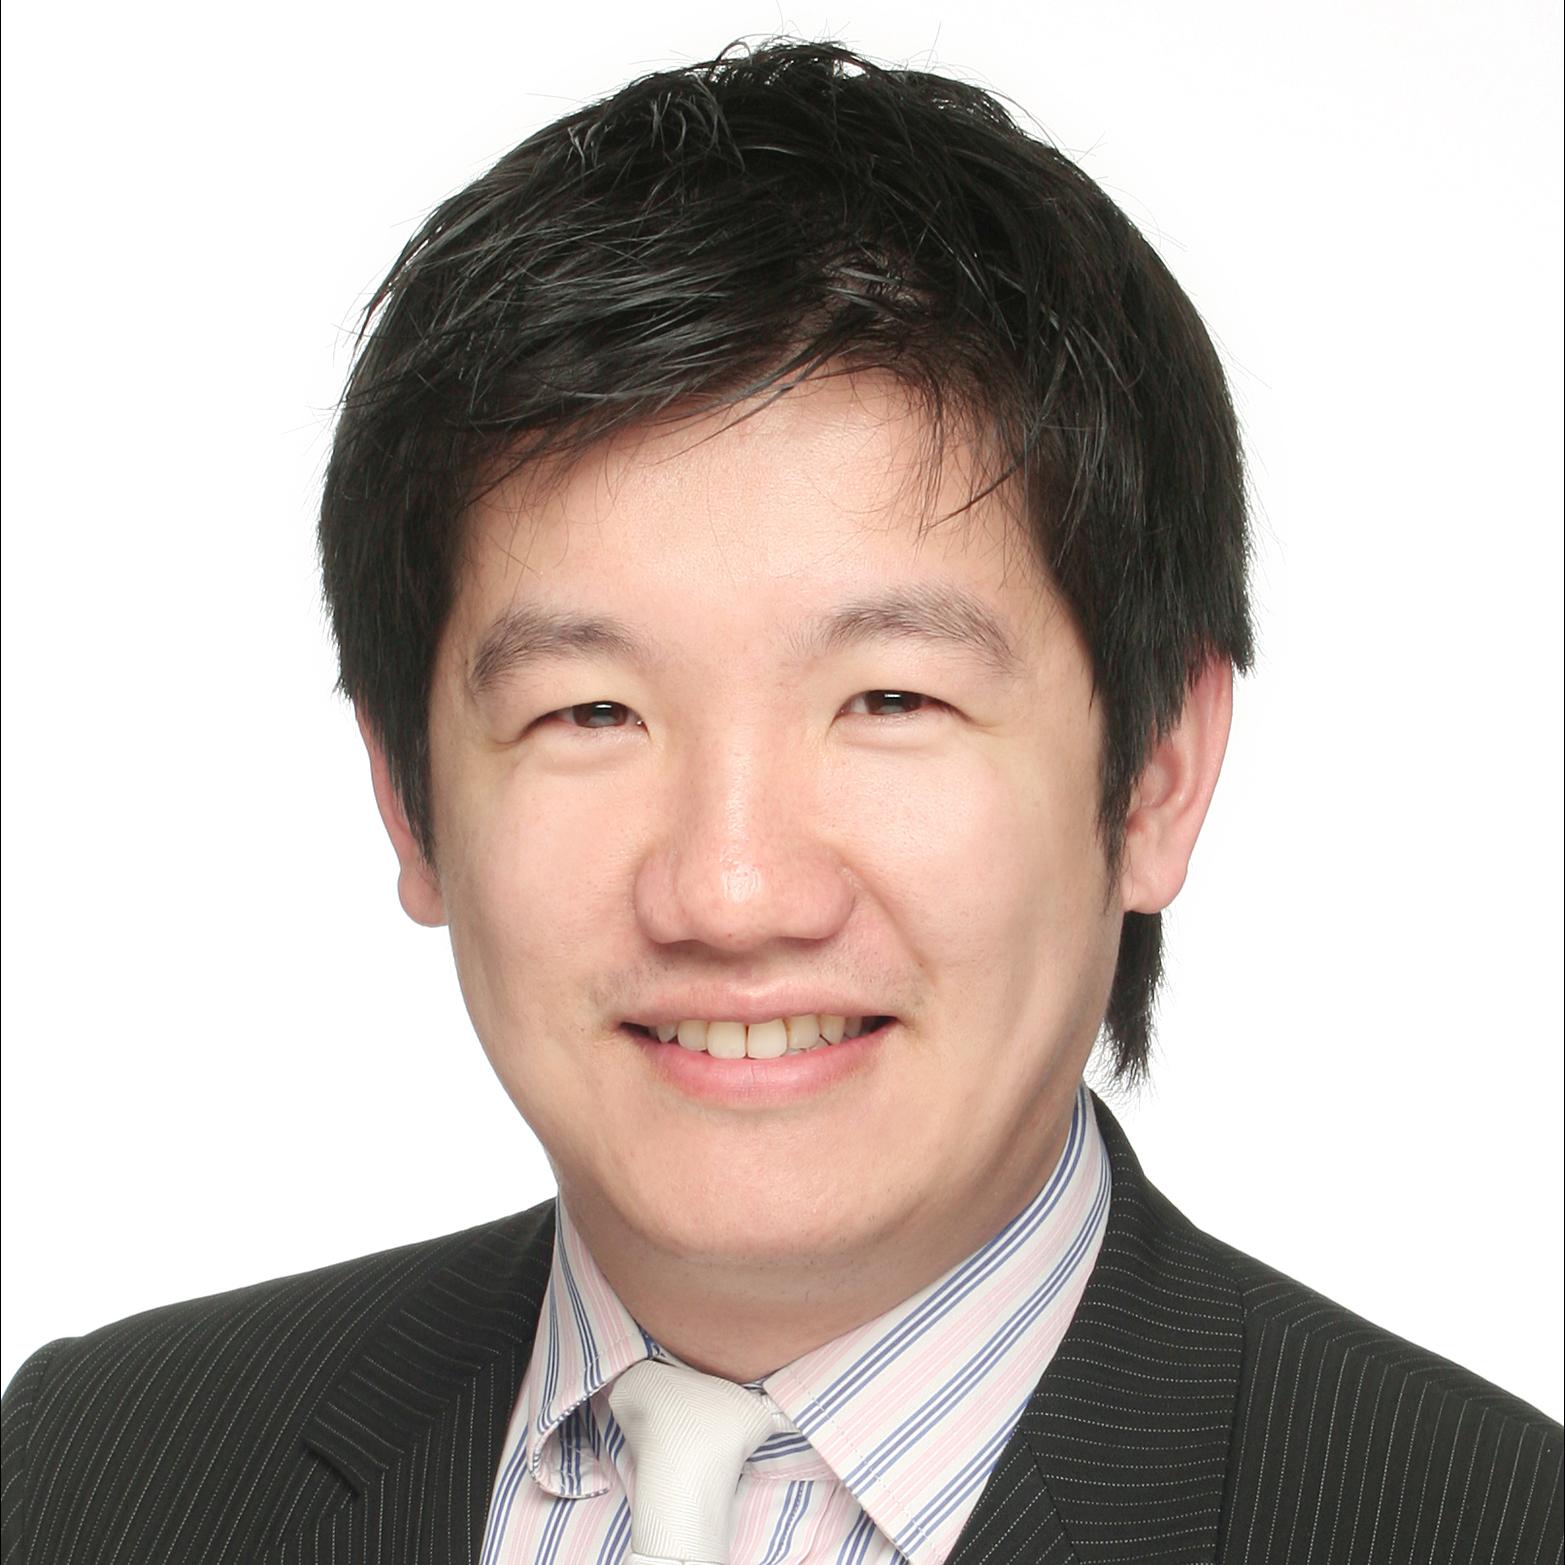 Lapman Lee, Co-Chair for InsurTech at FinTech Association of Hong Kong